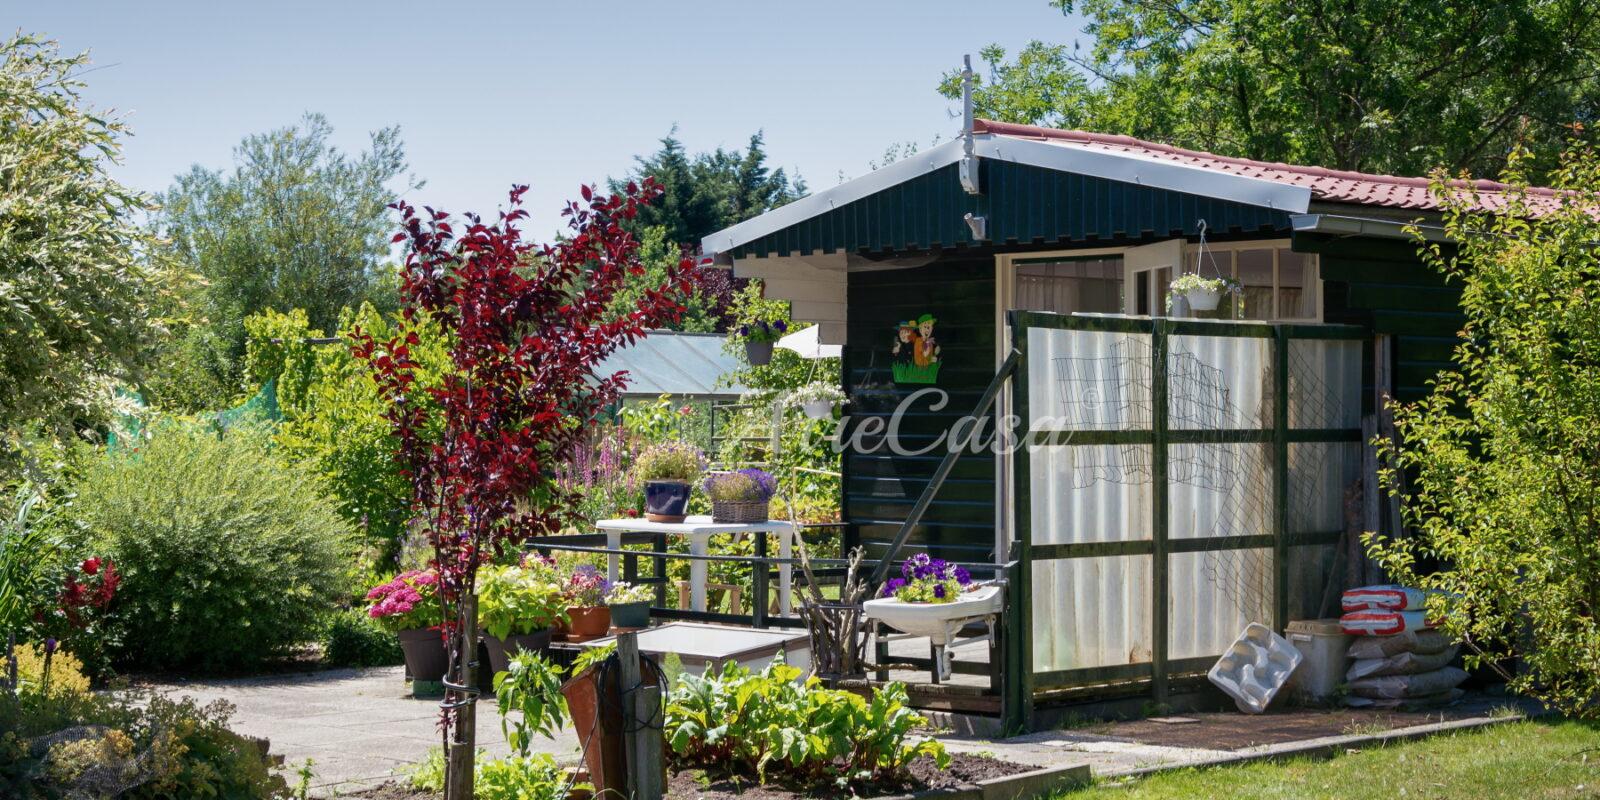 casetta da giardino